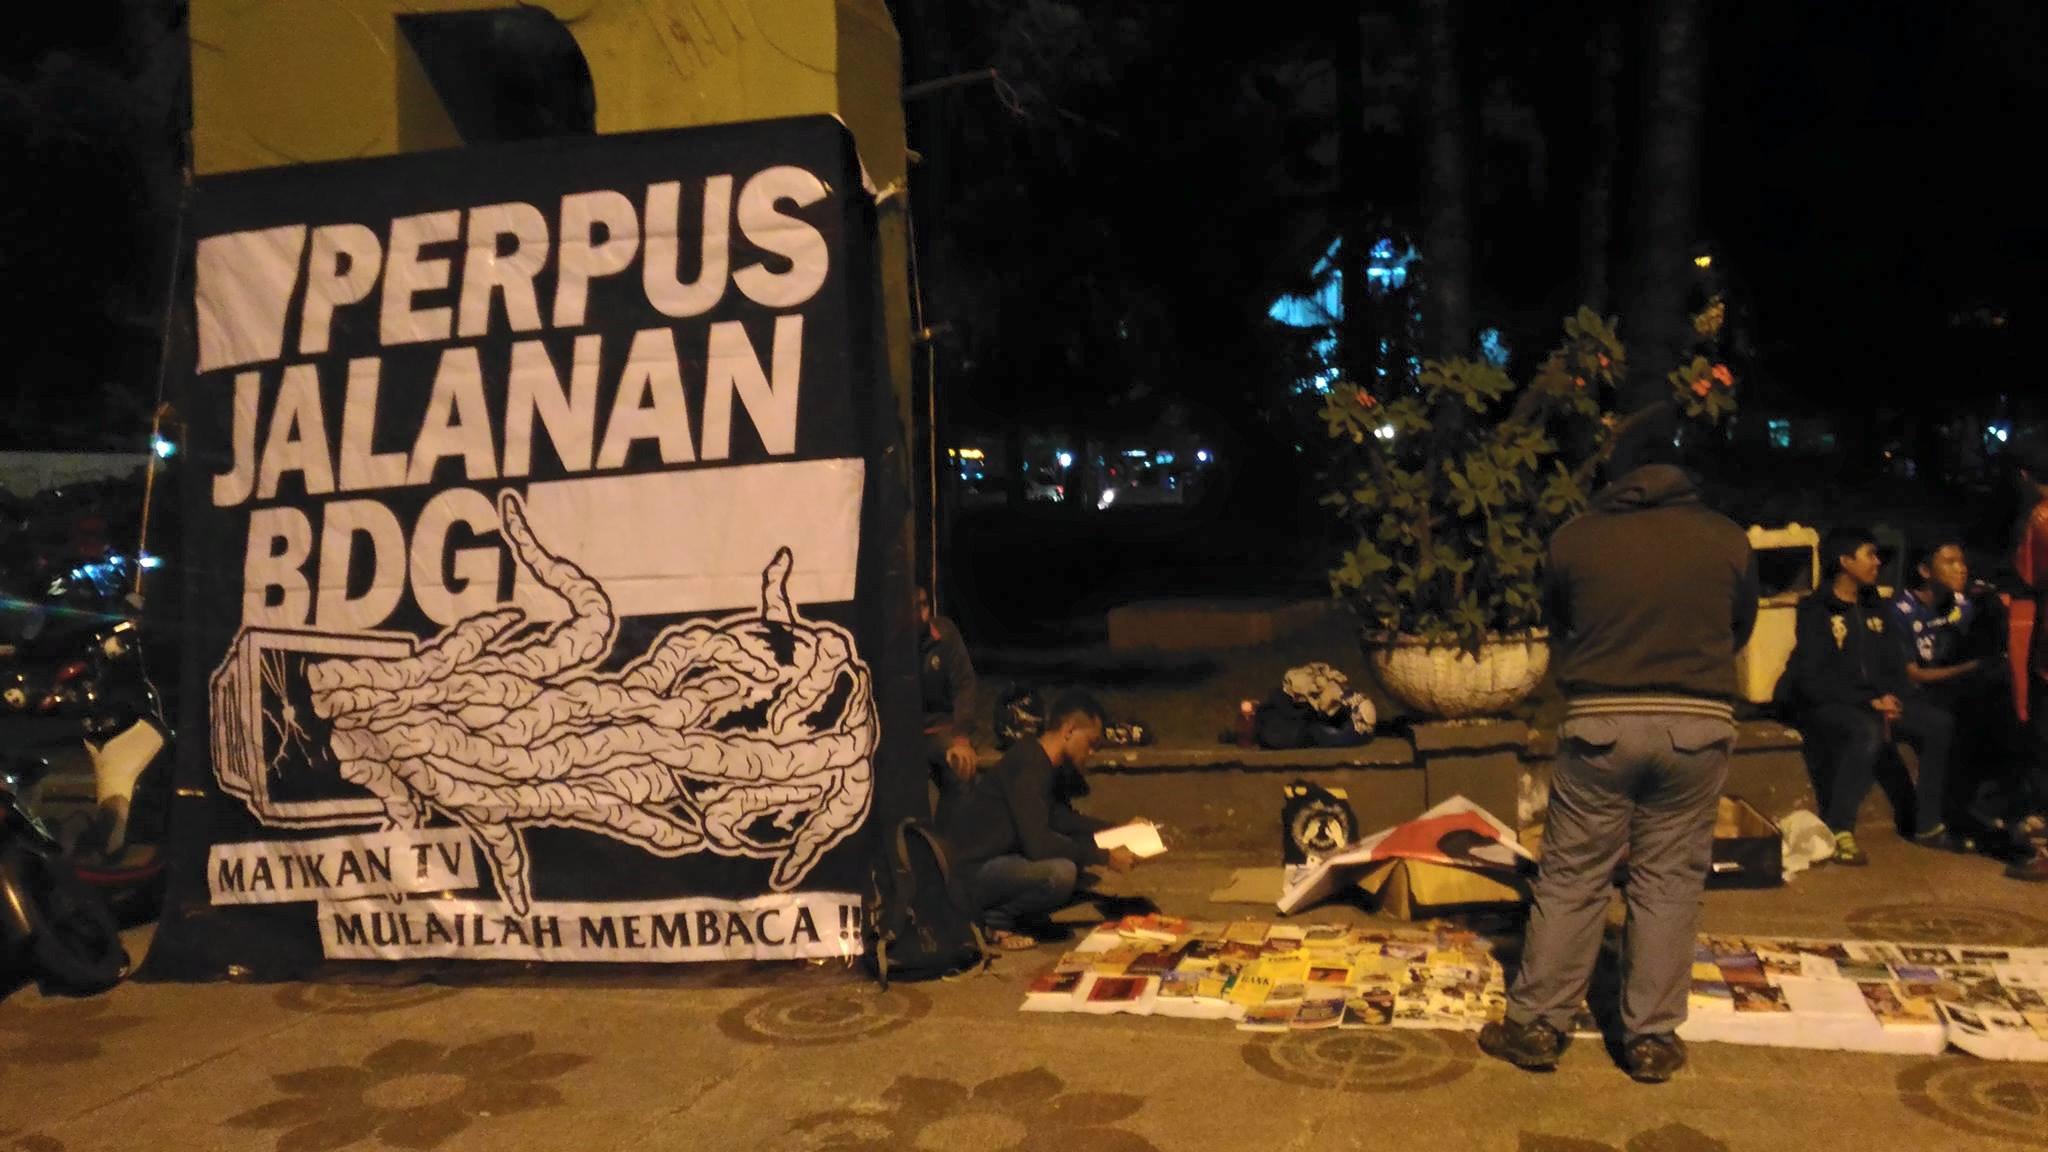 Perpustakaan Jalanan tetap membuka lapak di Taman Cikapayang, Bandung, pada 27 Agustus 2016. Foto dari Facebook/PerpustakaanJalanan